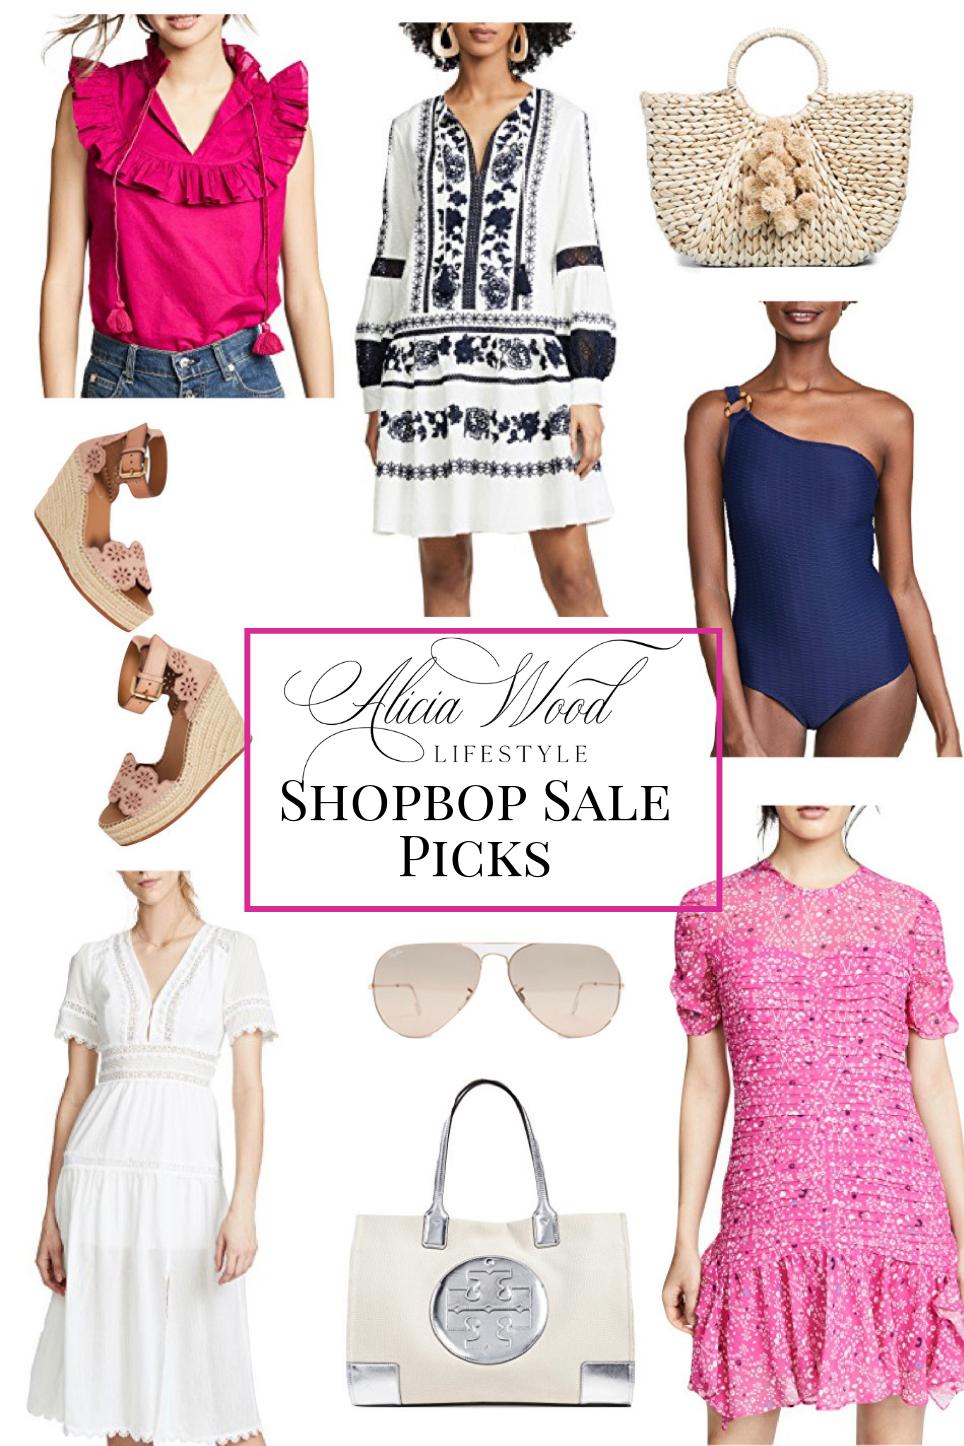 Shopbop Go Big Sale Favorites for Spring and Beyond